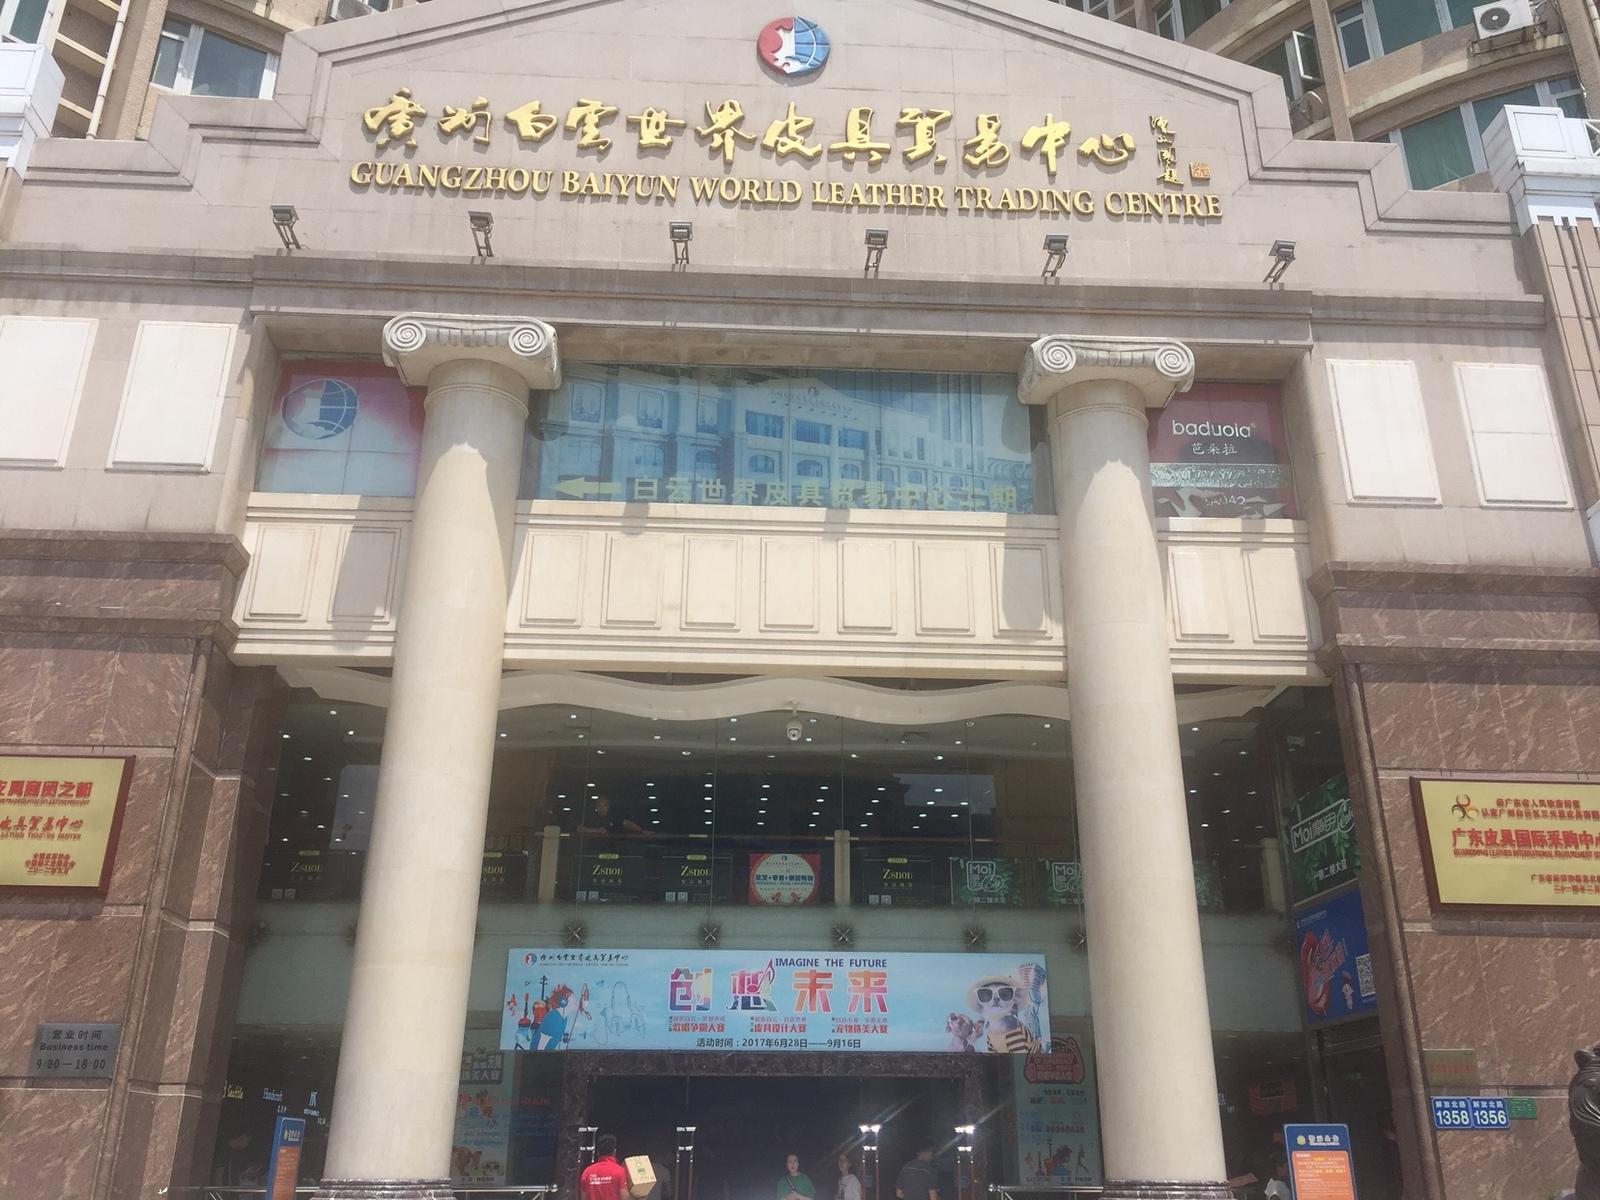 اجمل مدن العالم الصين 474228 المسافرون العرب